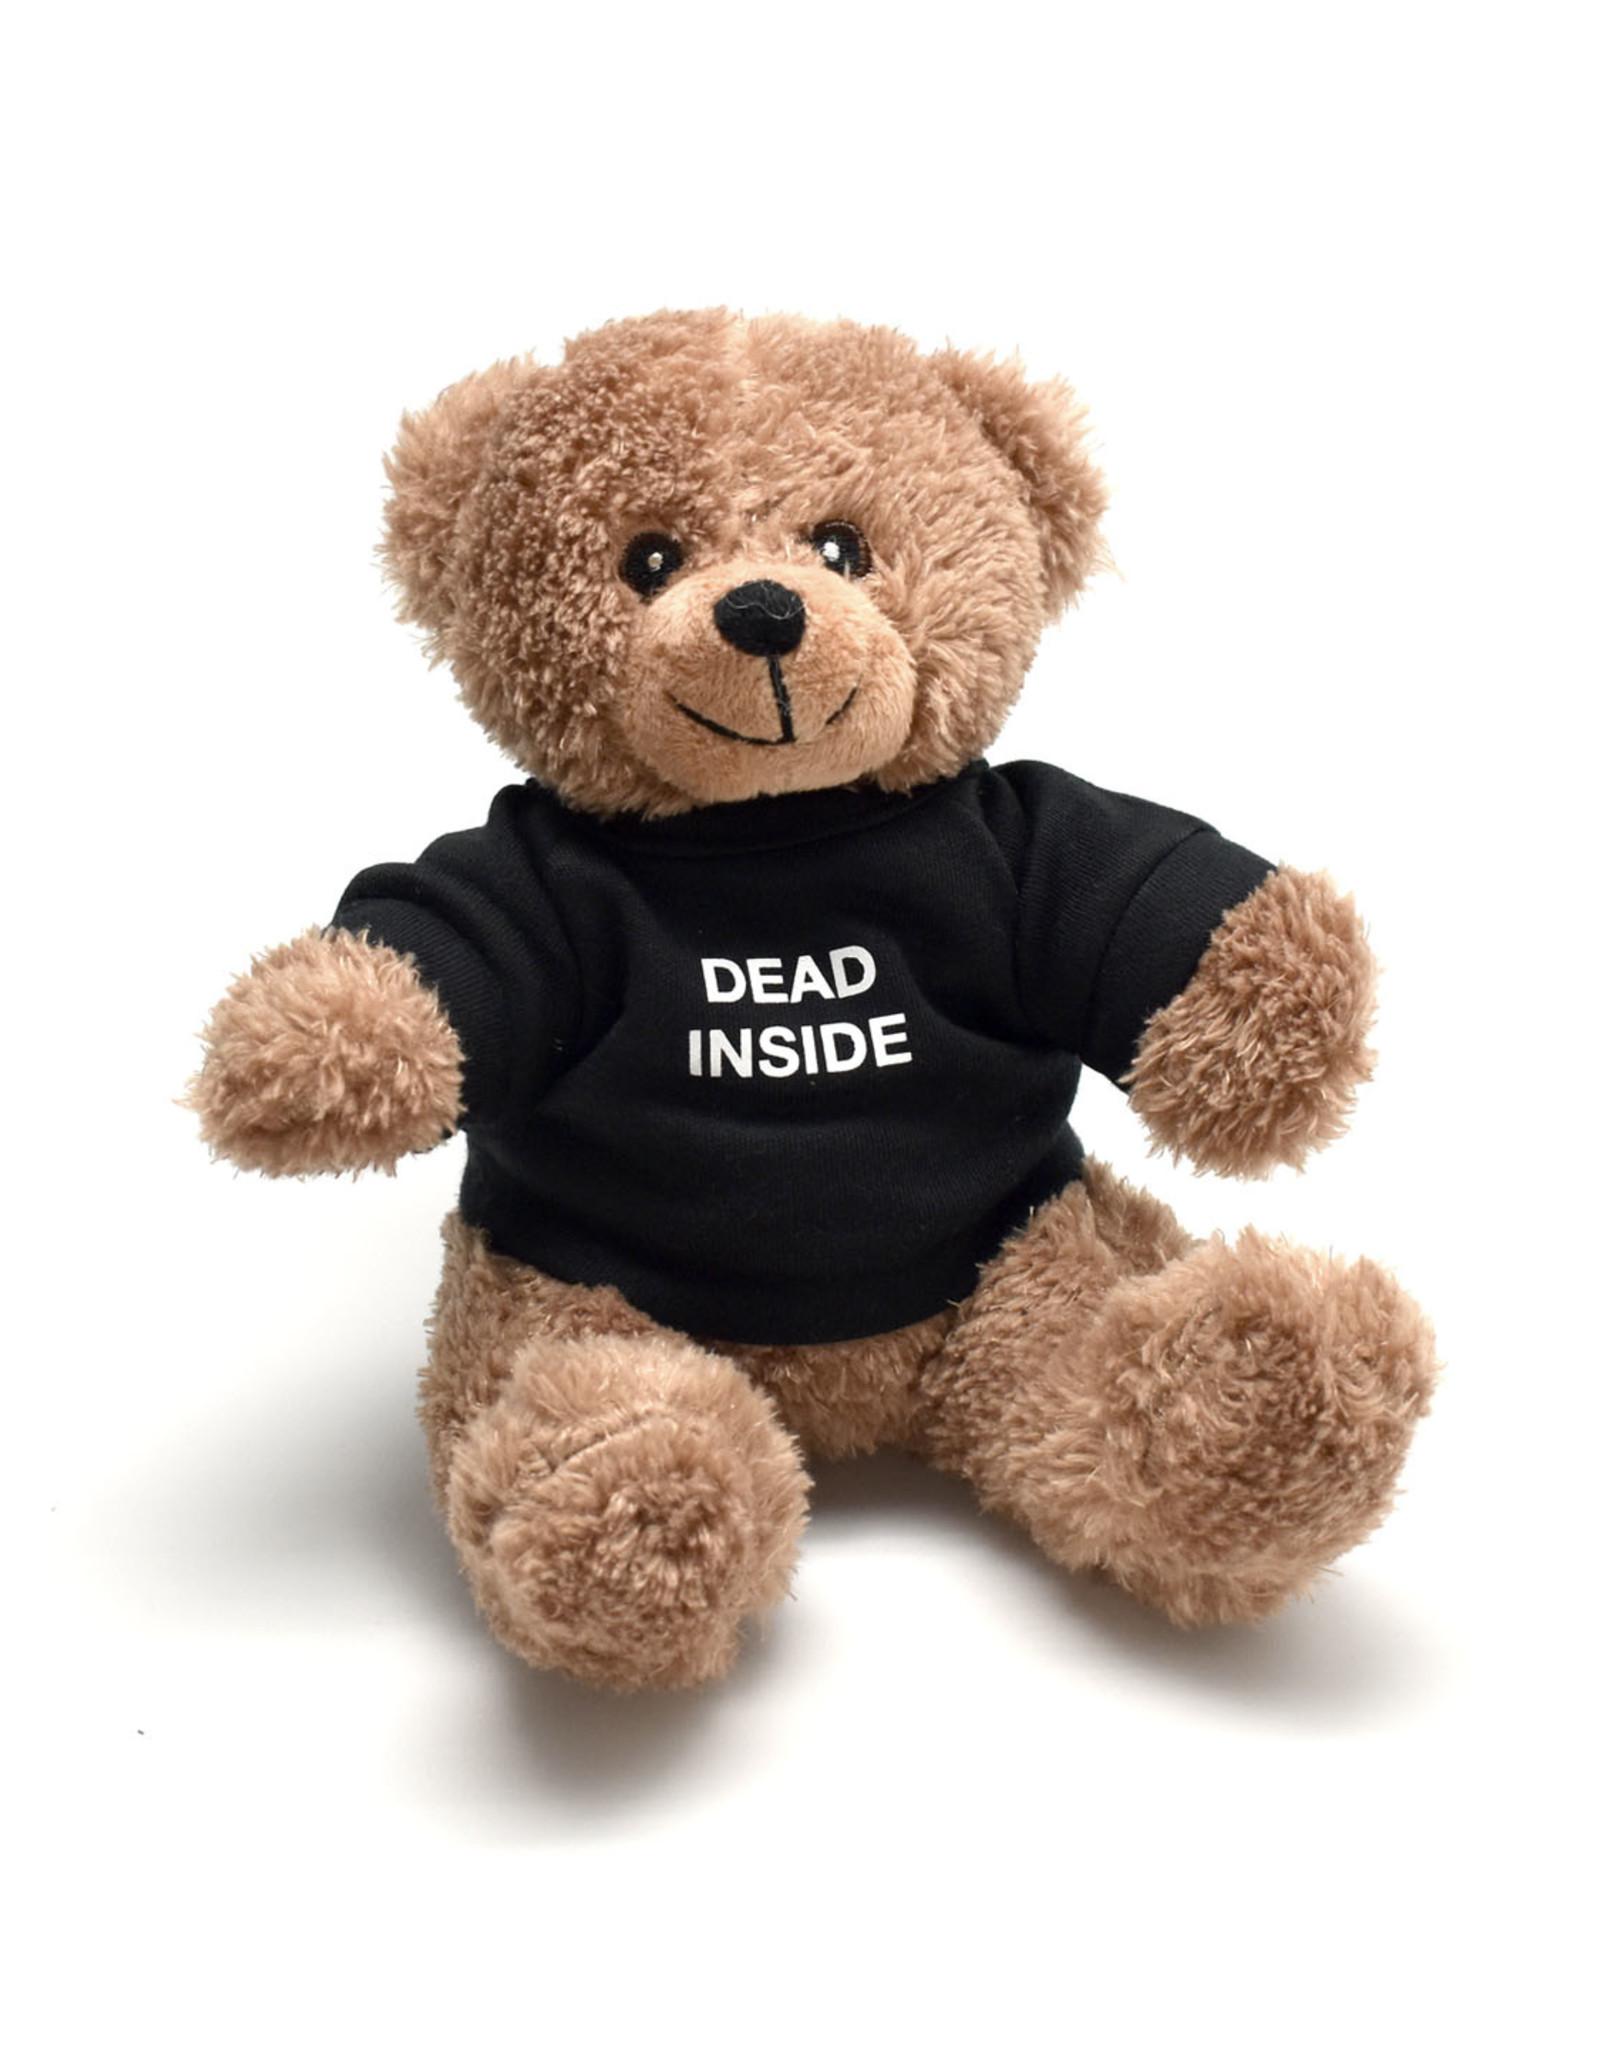 Dead Inside Teddy Bear